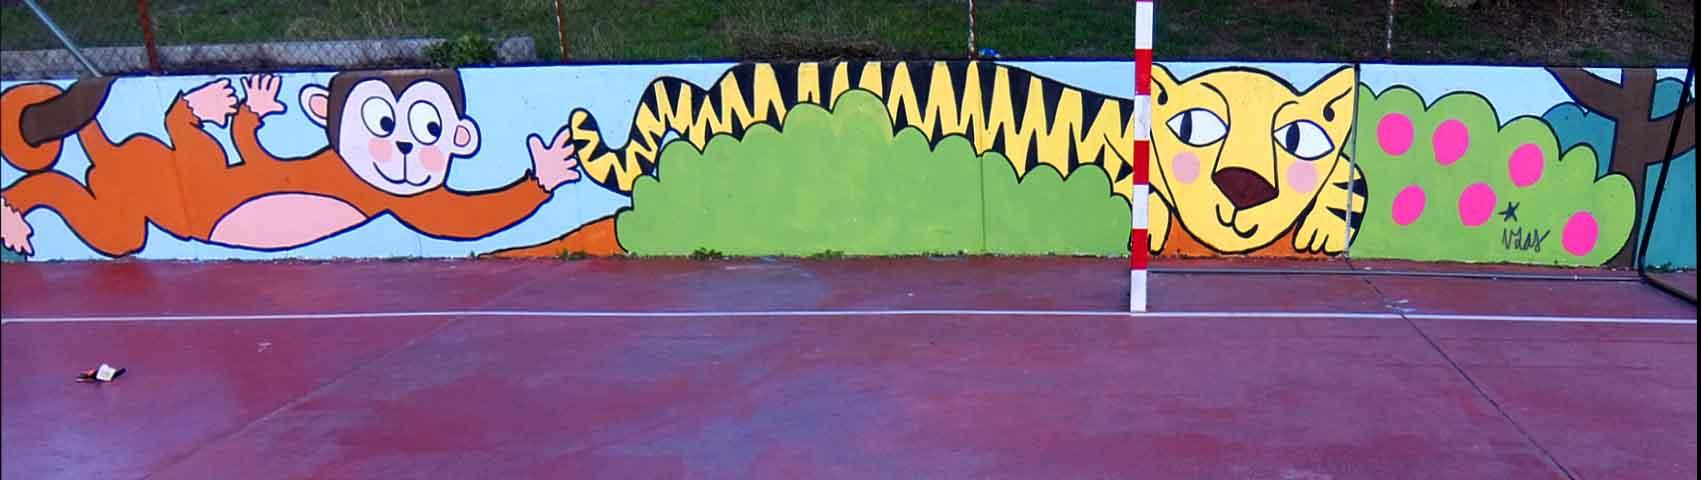 mural izas tierno galván multiusos 6